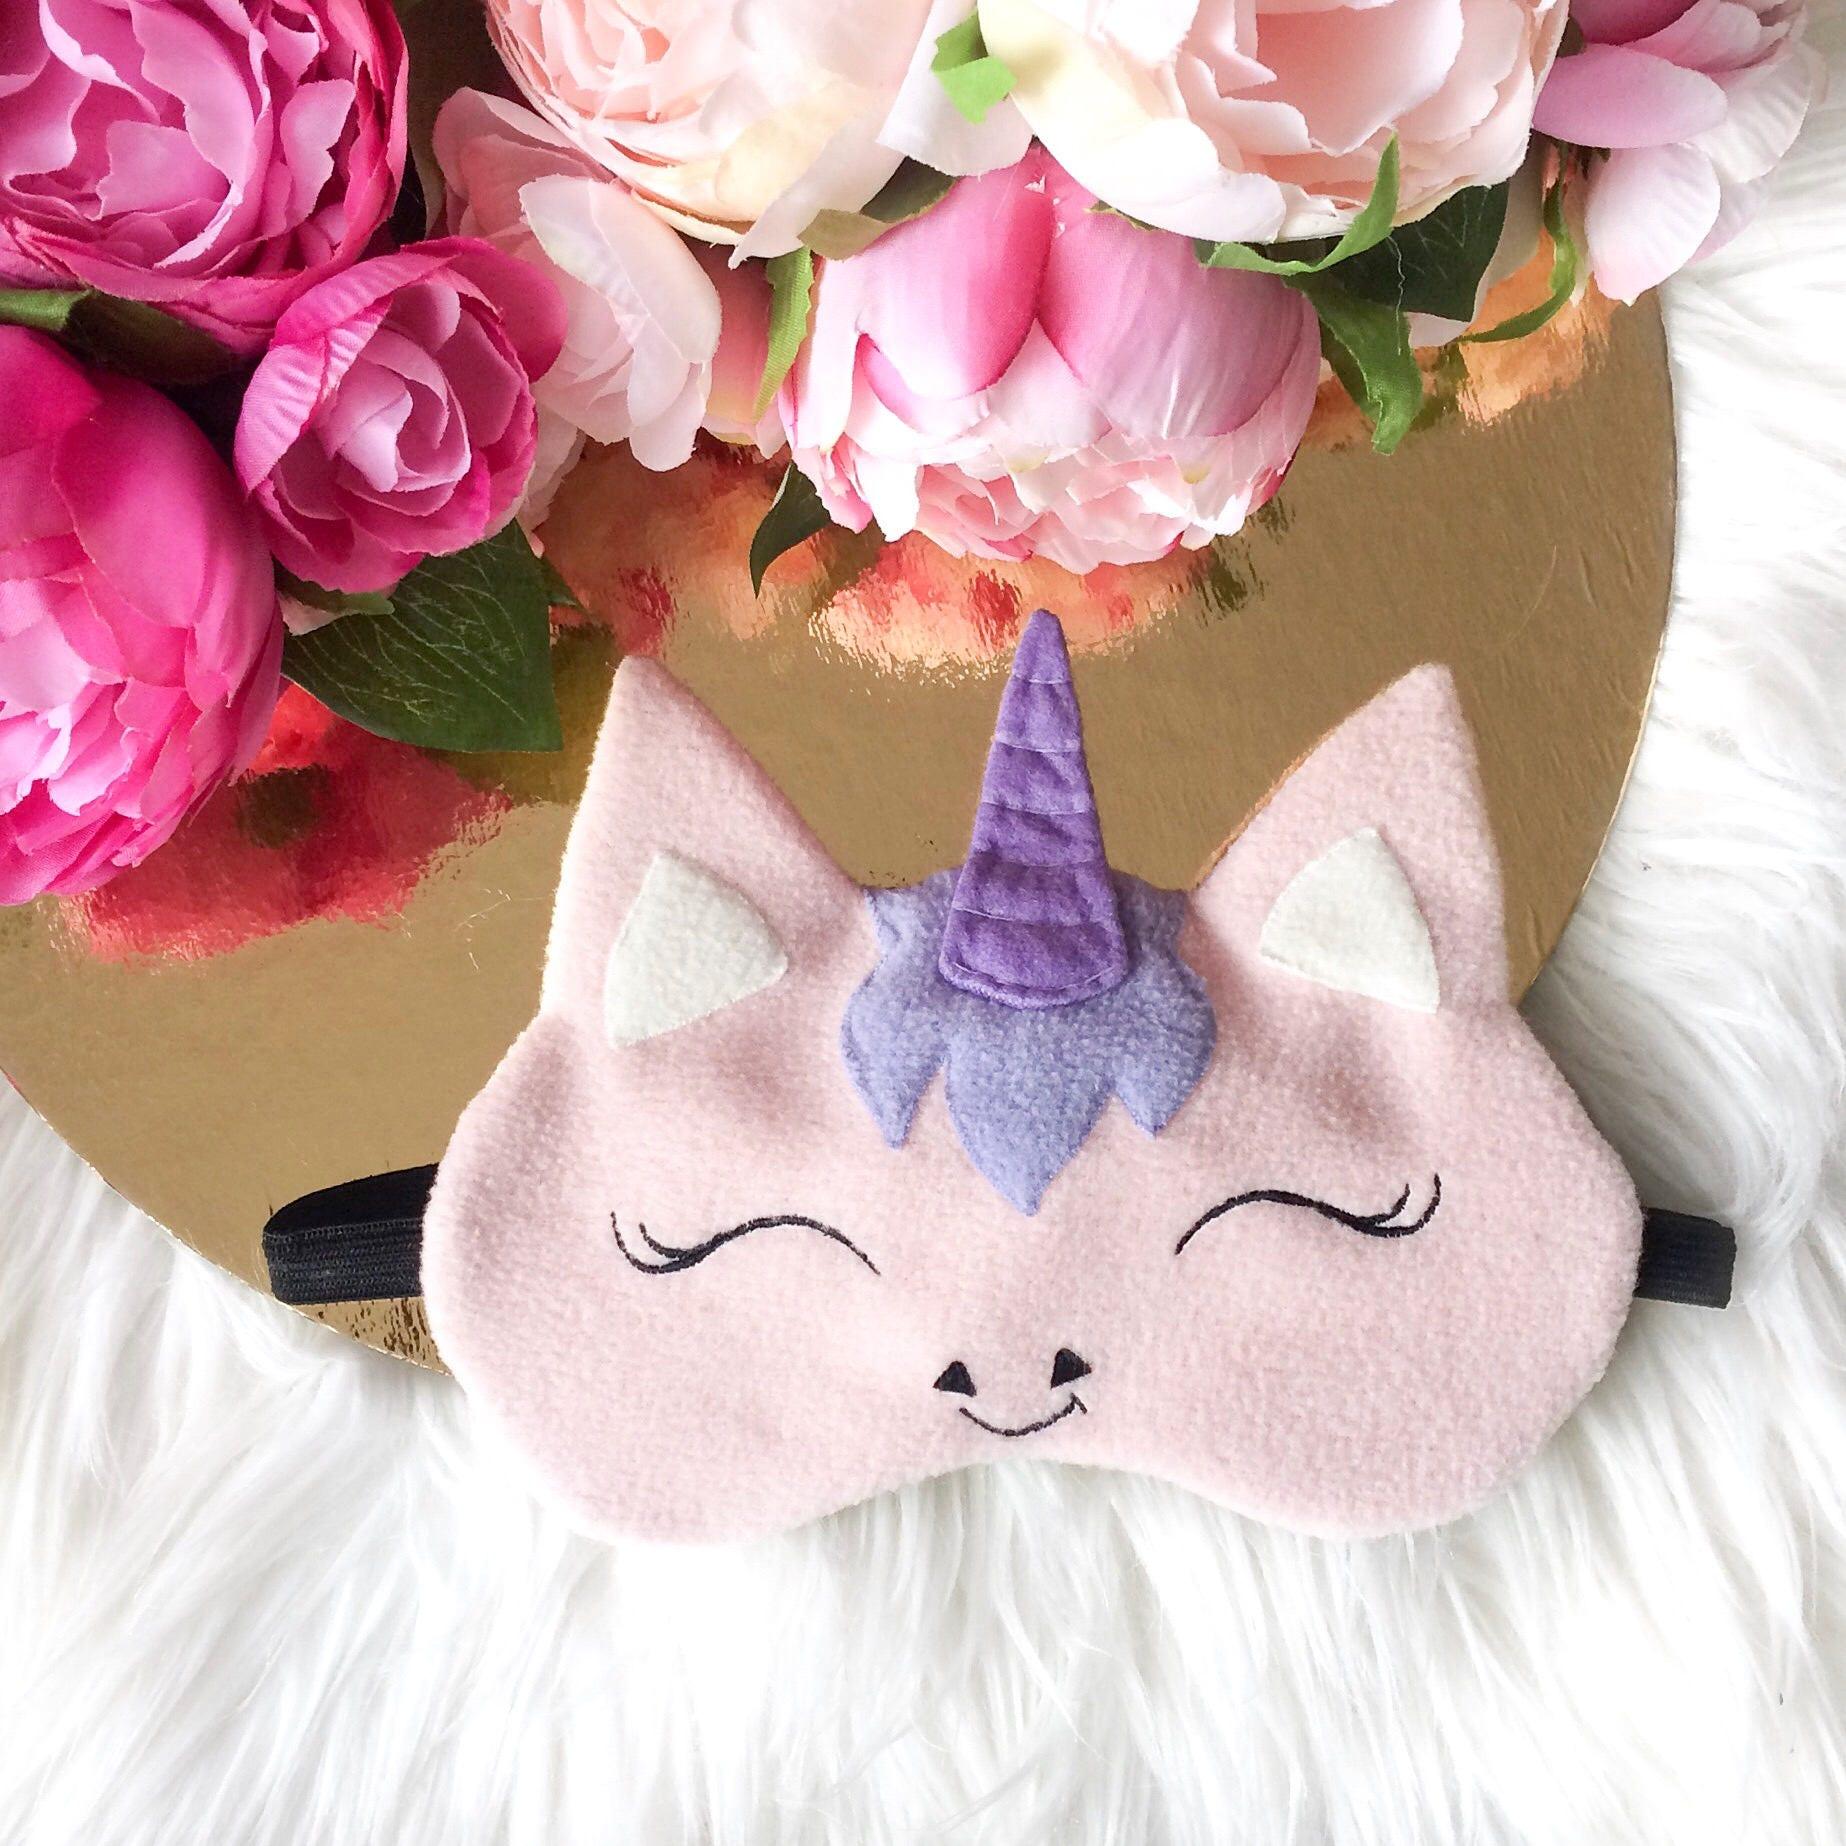 masque de sommeil licorne sommeil masque yeux masque de. Black Bedroom Furniture Sets. Home Design Ideas